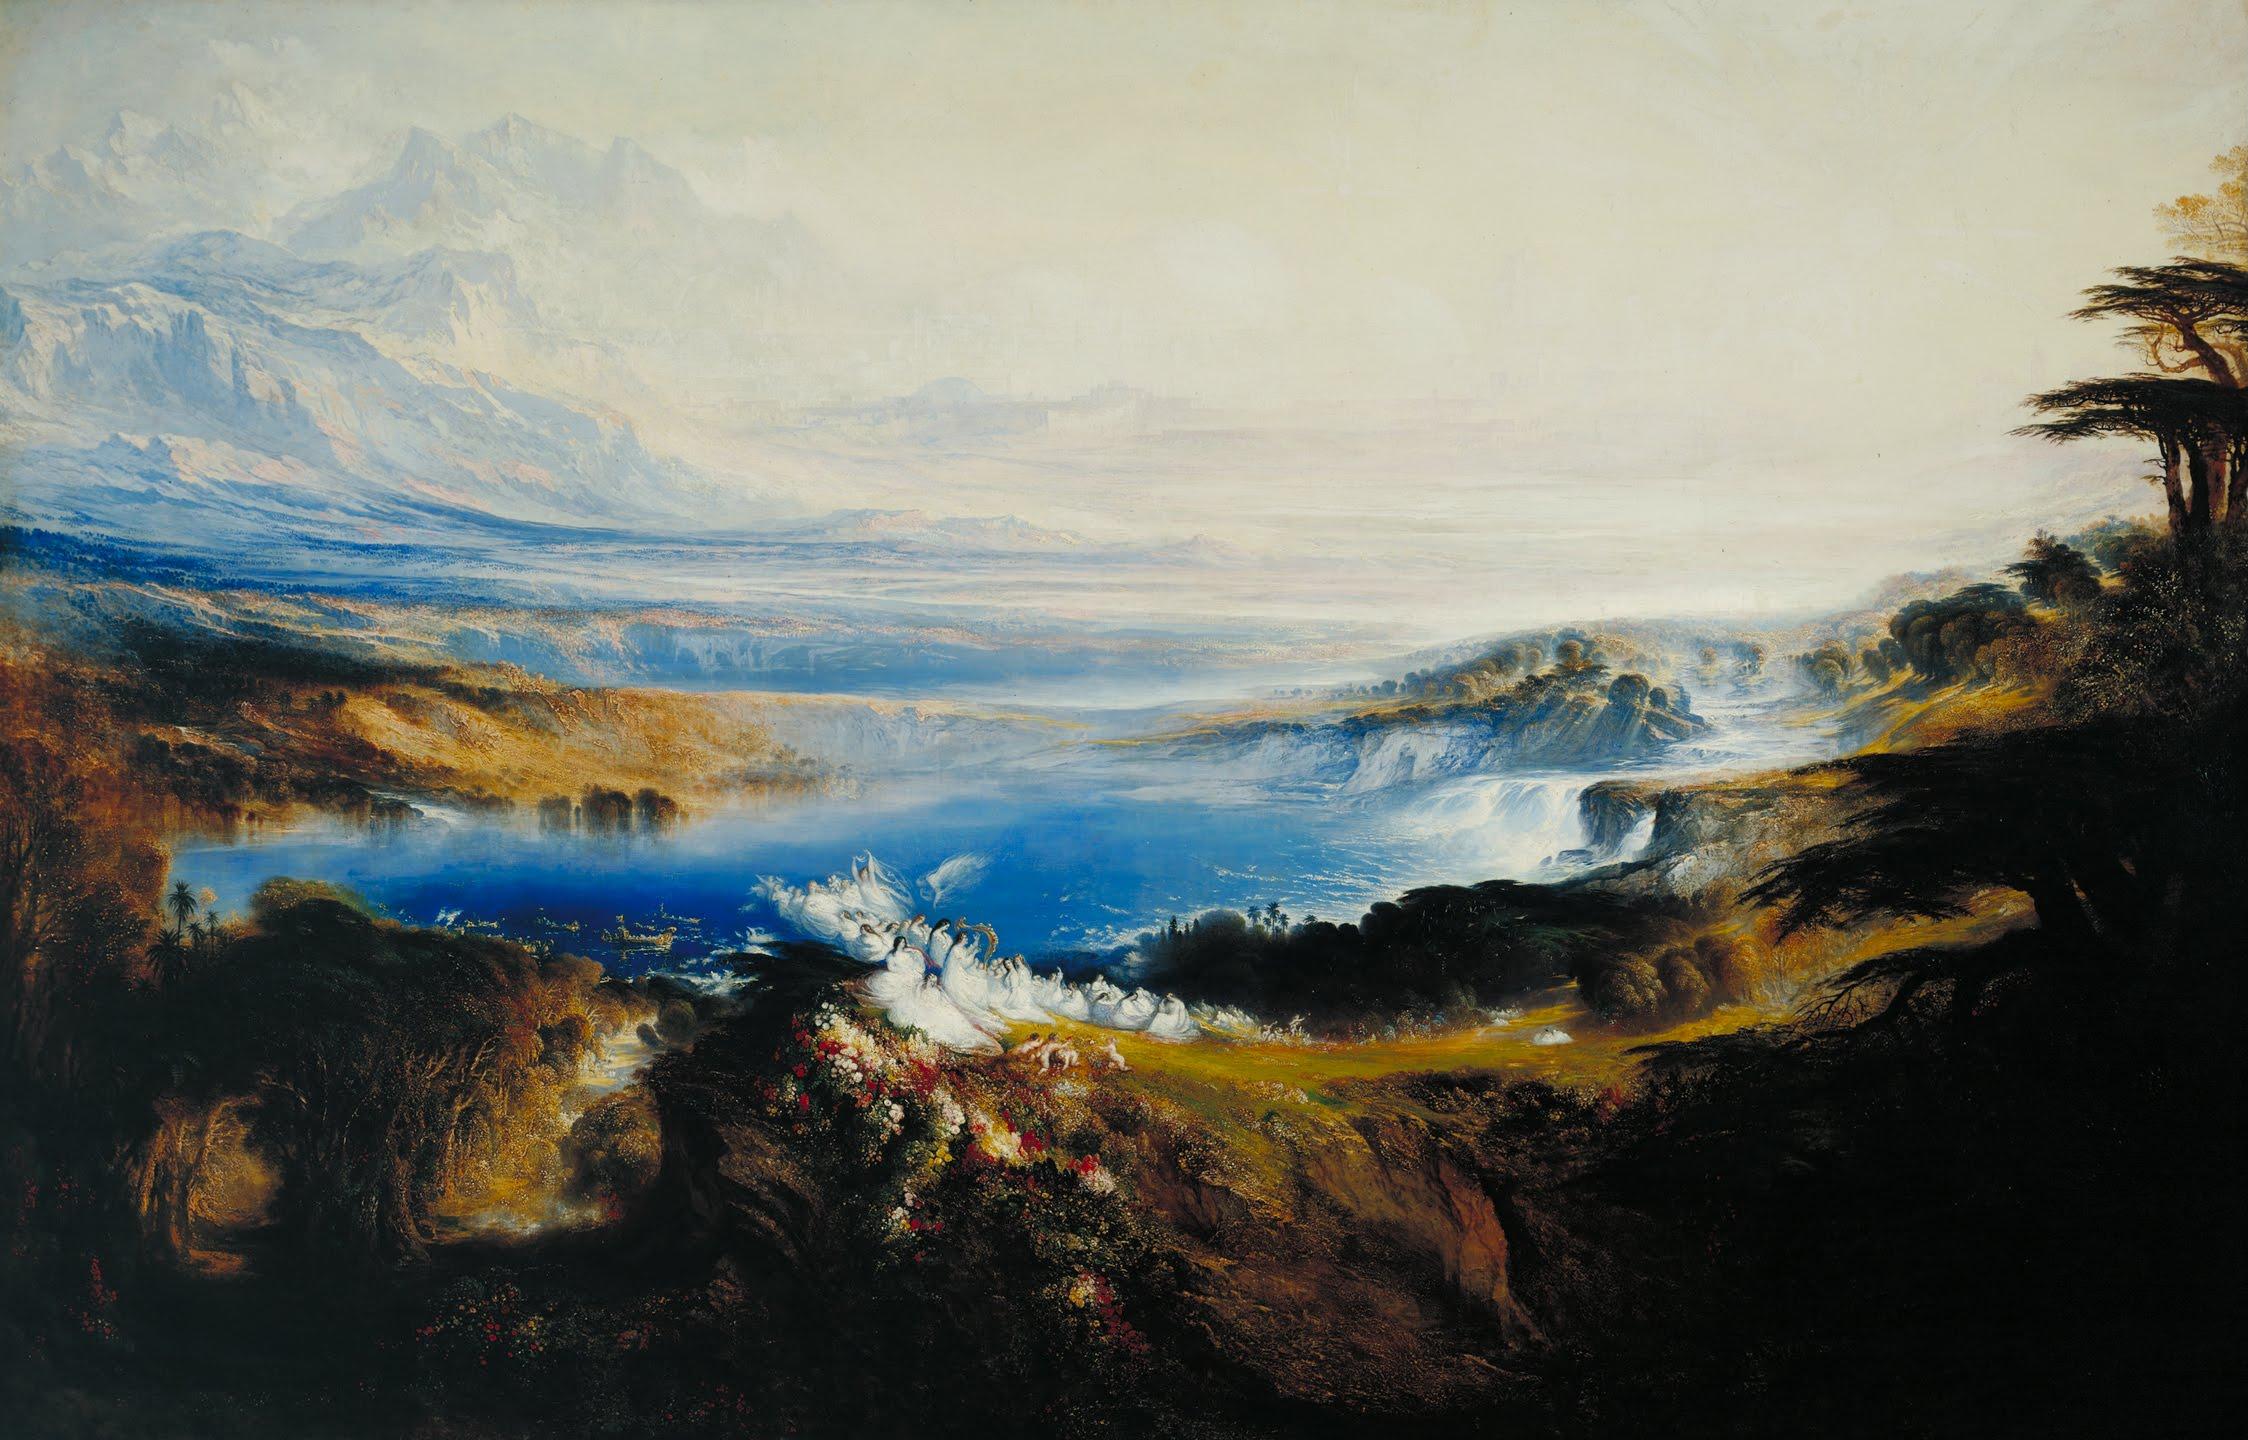 John Martin, The Plains of Heaven